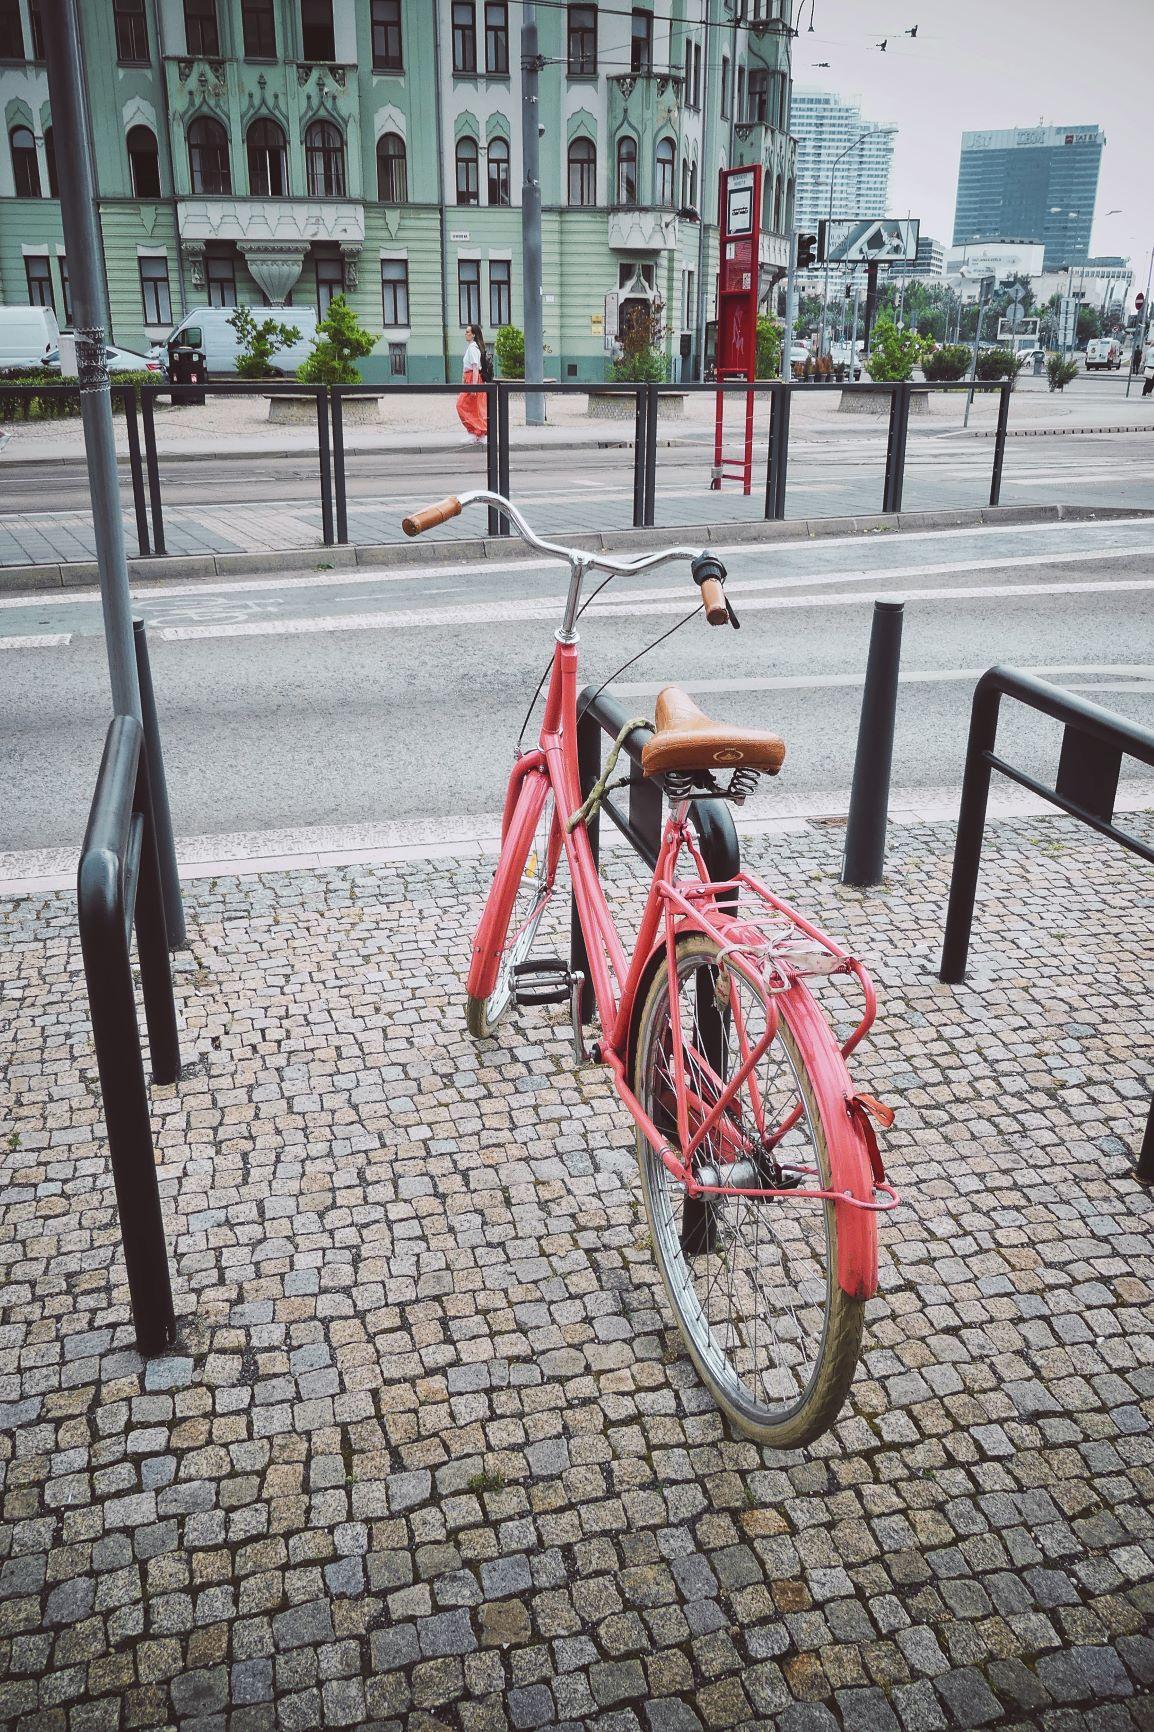 ils ont tous des vieux vélos trop chouette!!